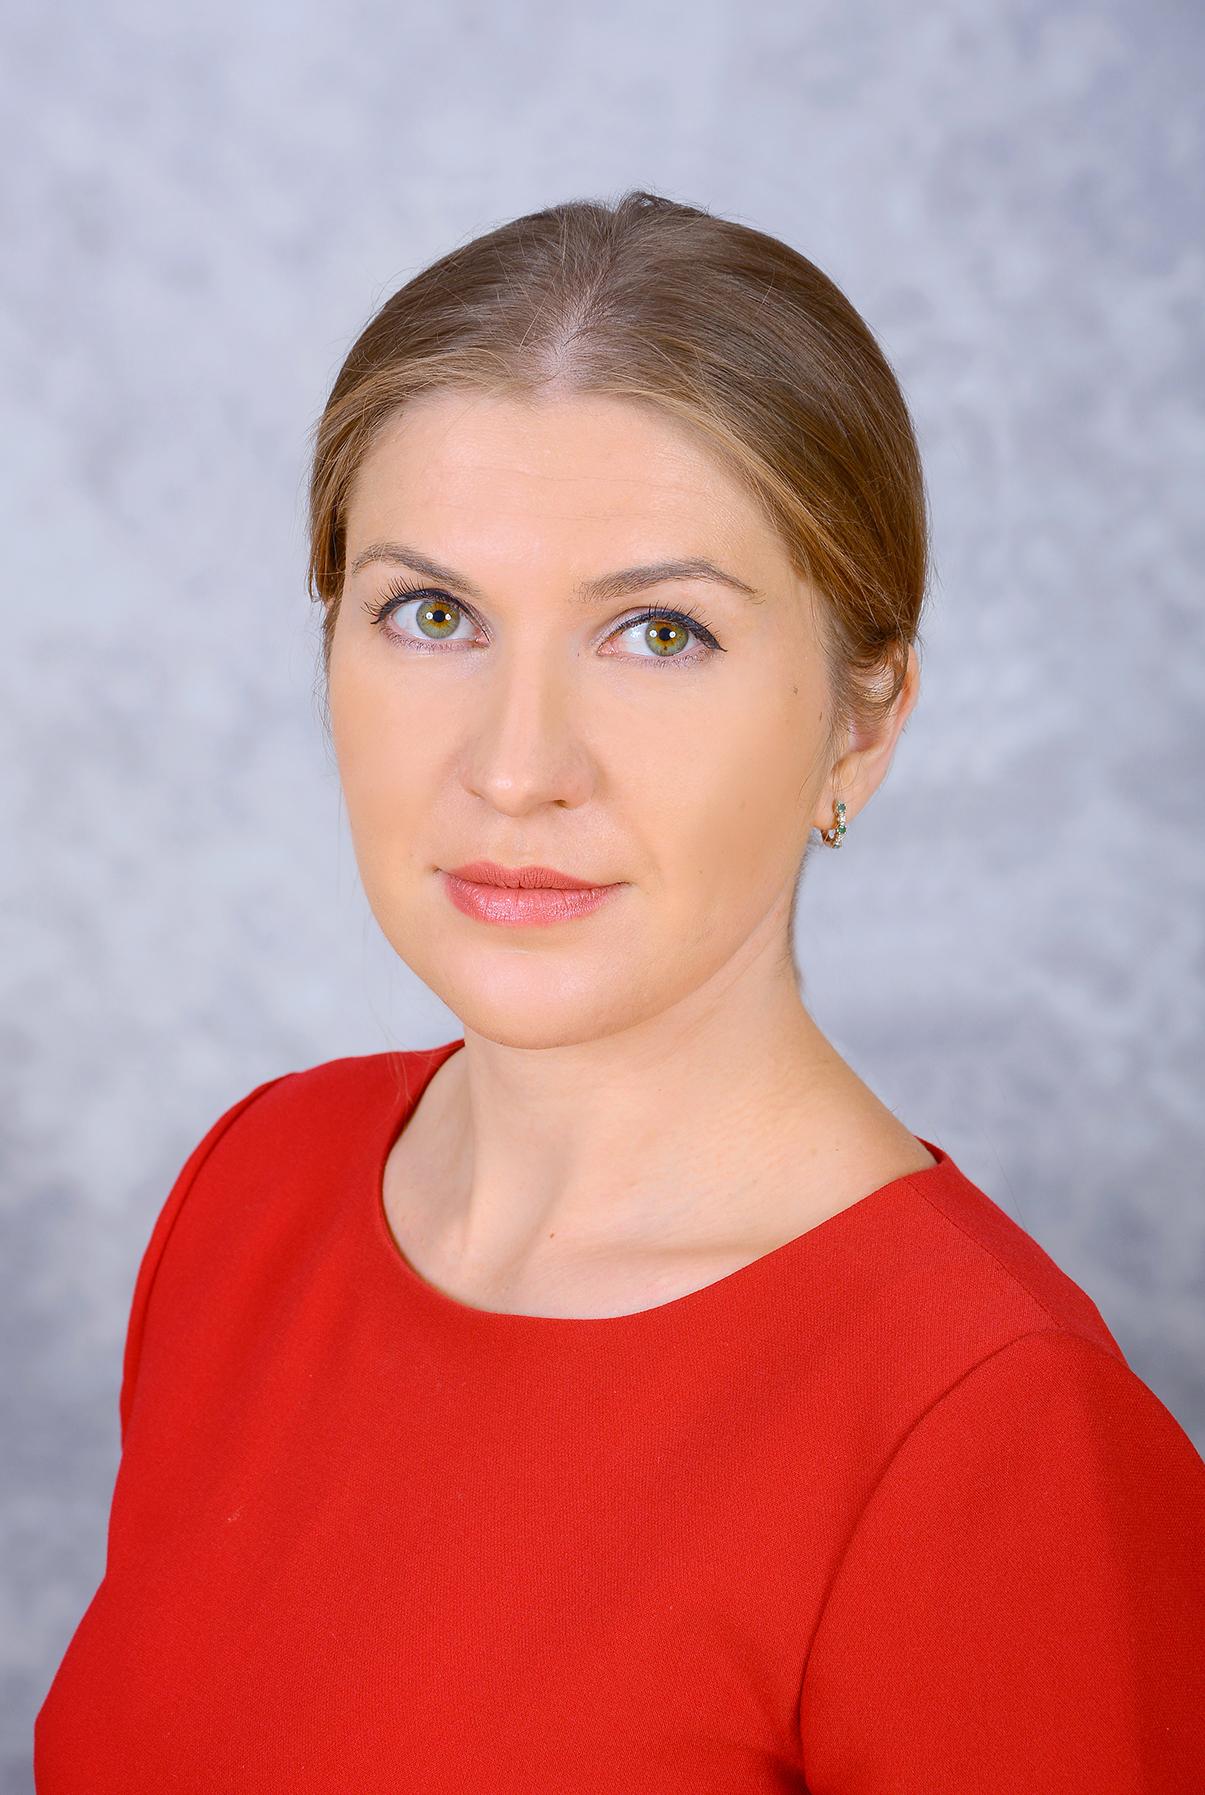 Заместитель директора по УВР, учитель математики и информатики, Крутикова Елена Ивановна